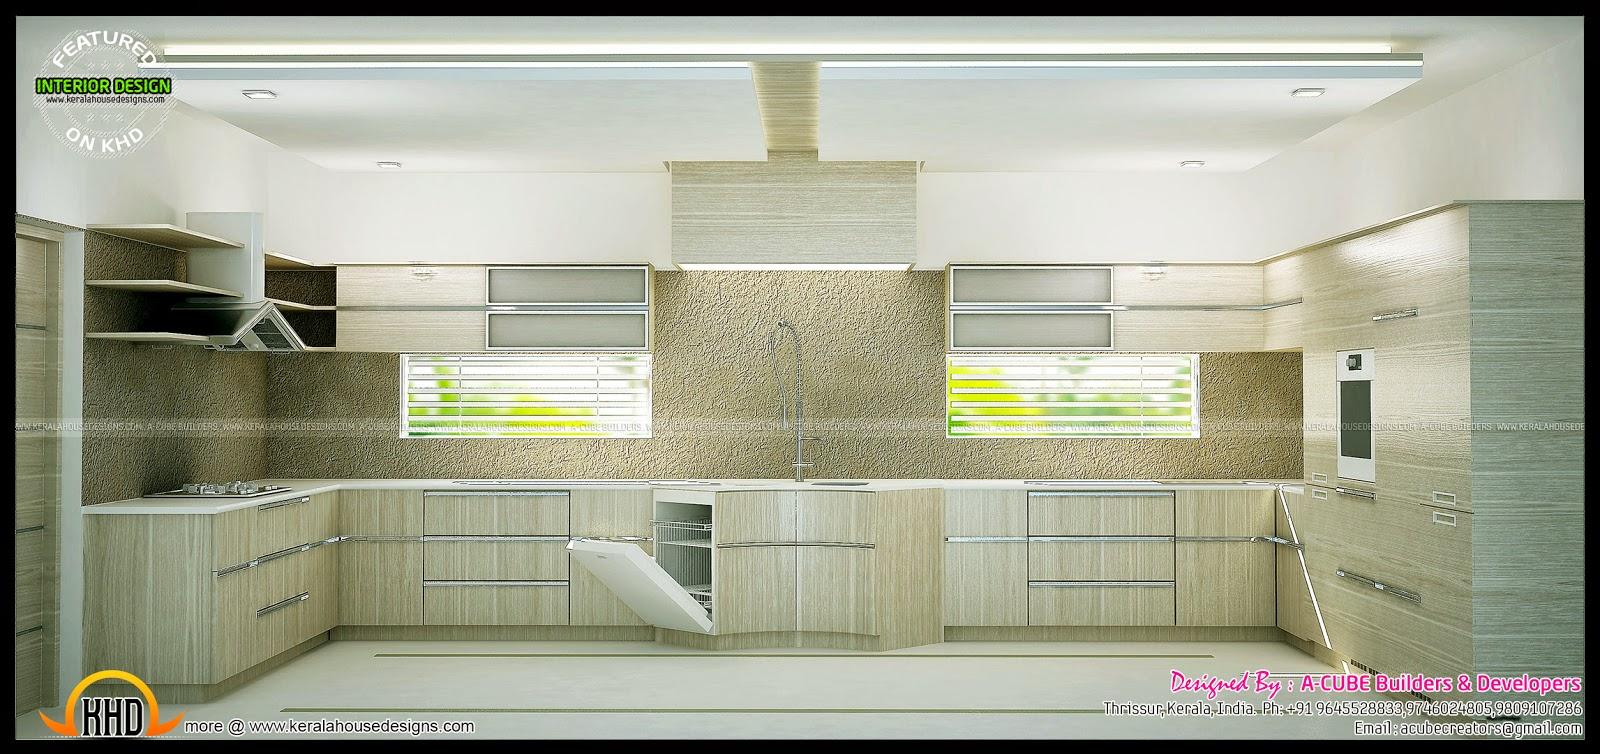 thrissur interior design kerala home design and floor plans door design kerala kerala interior designers